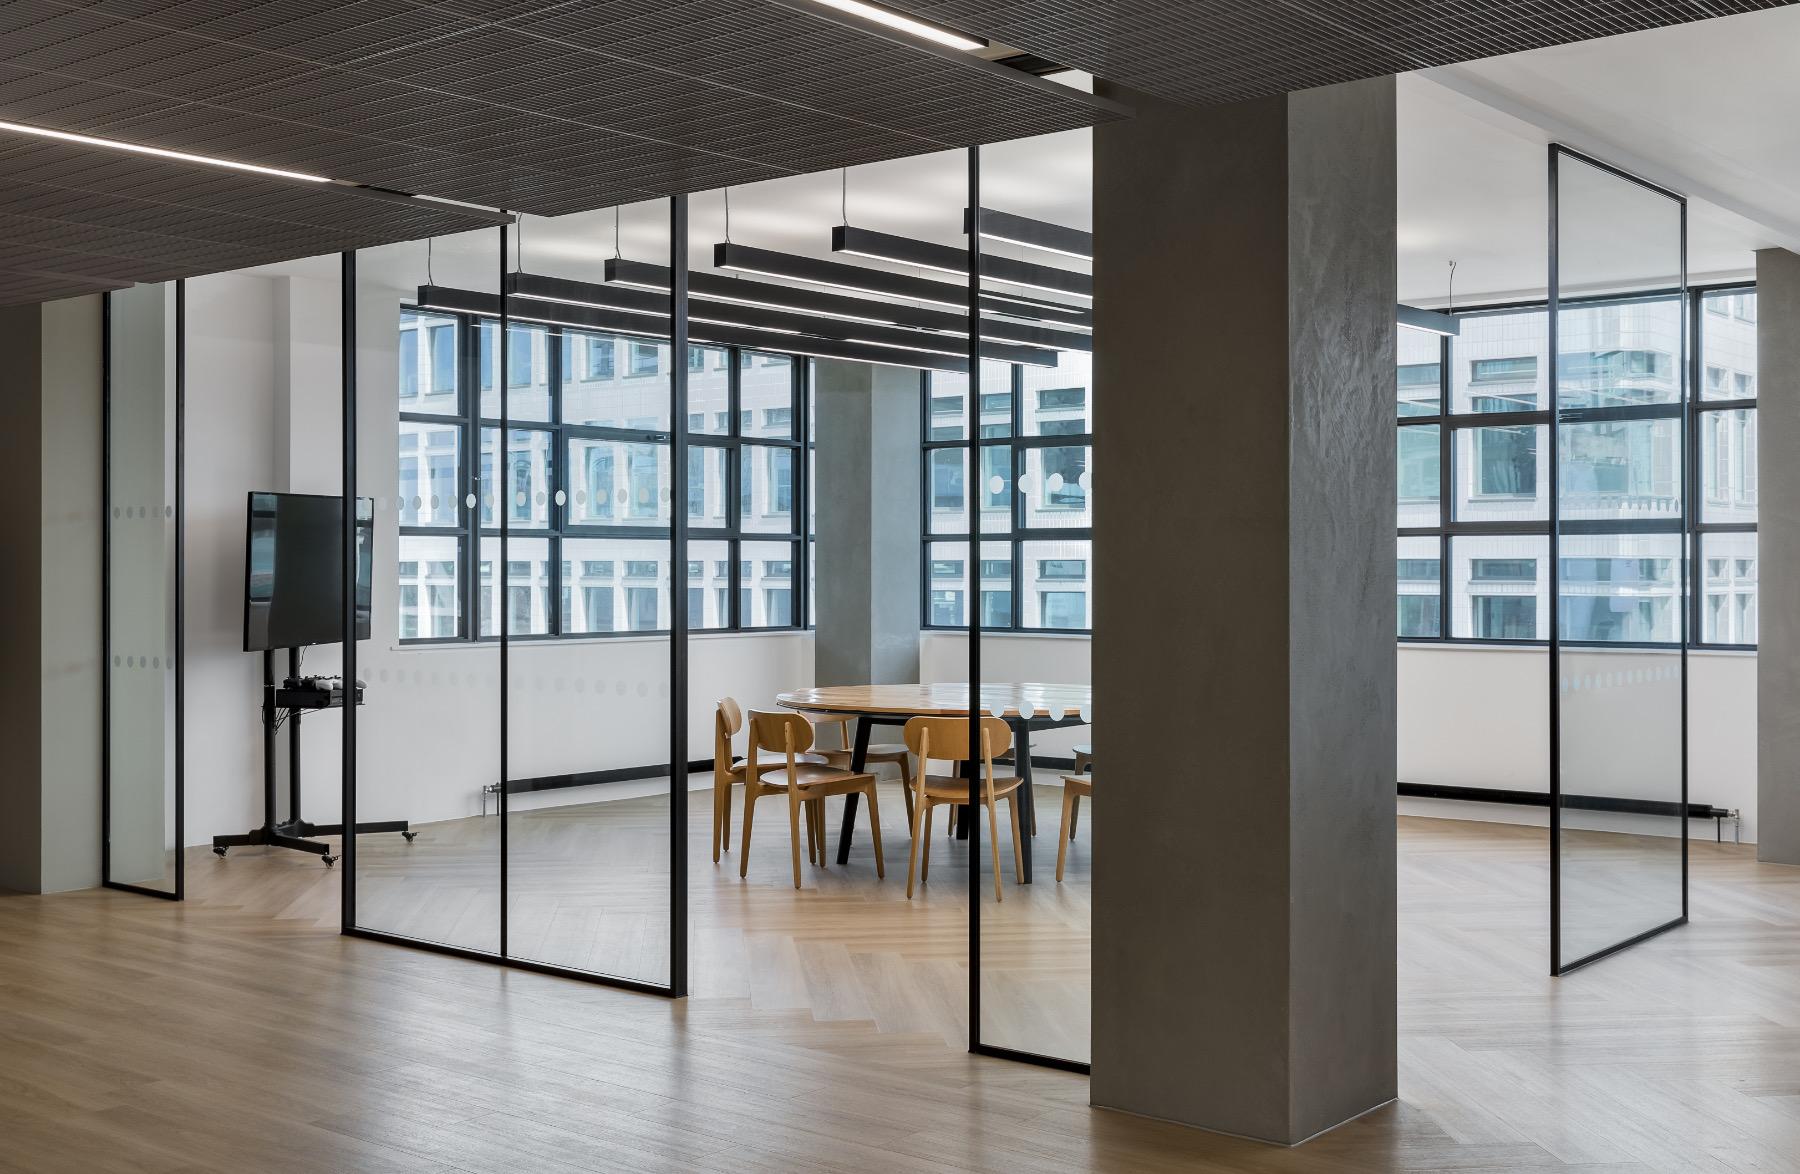 mccglc-london-office-2